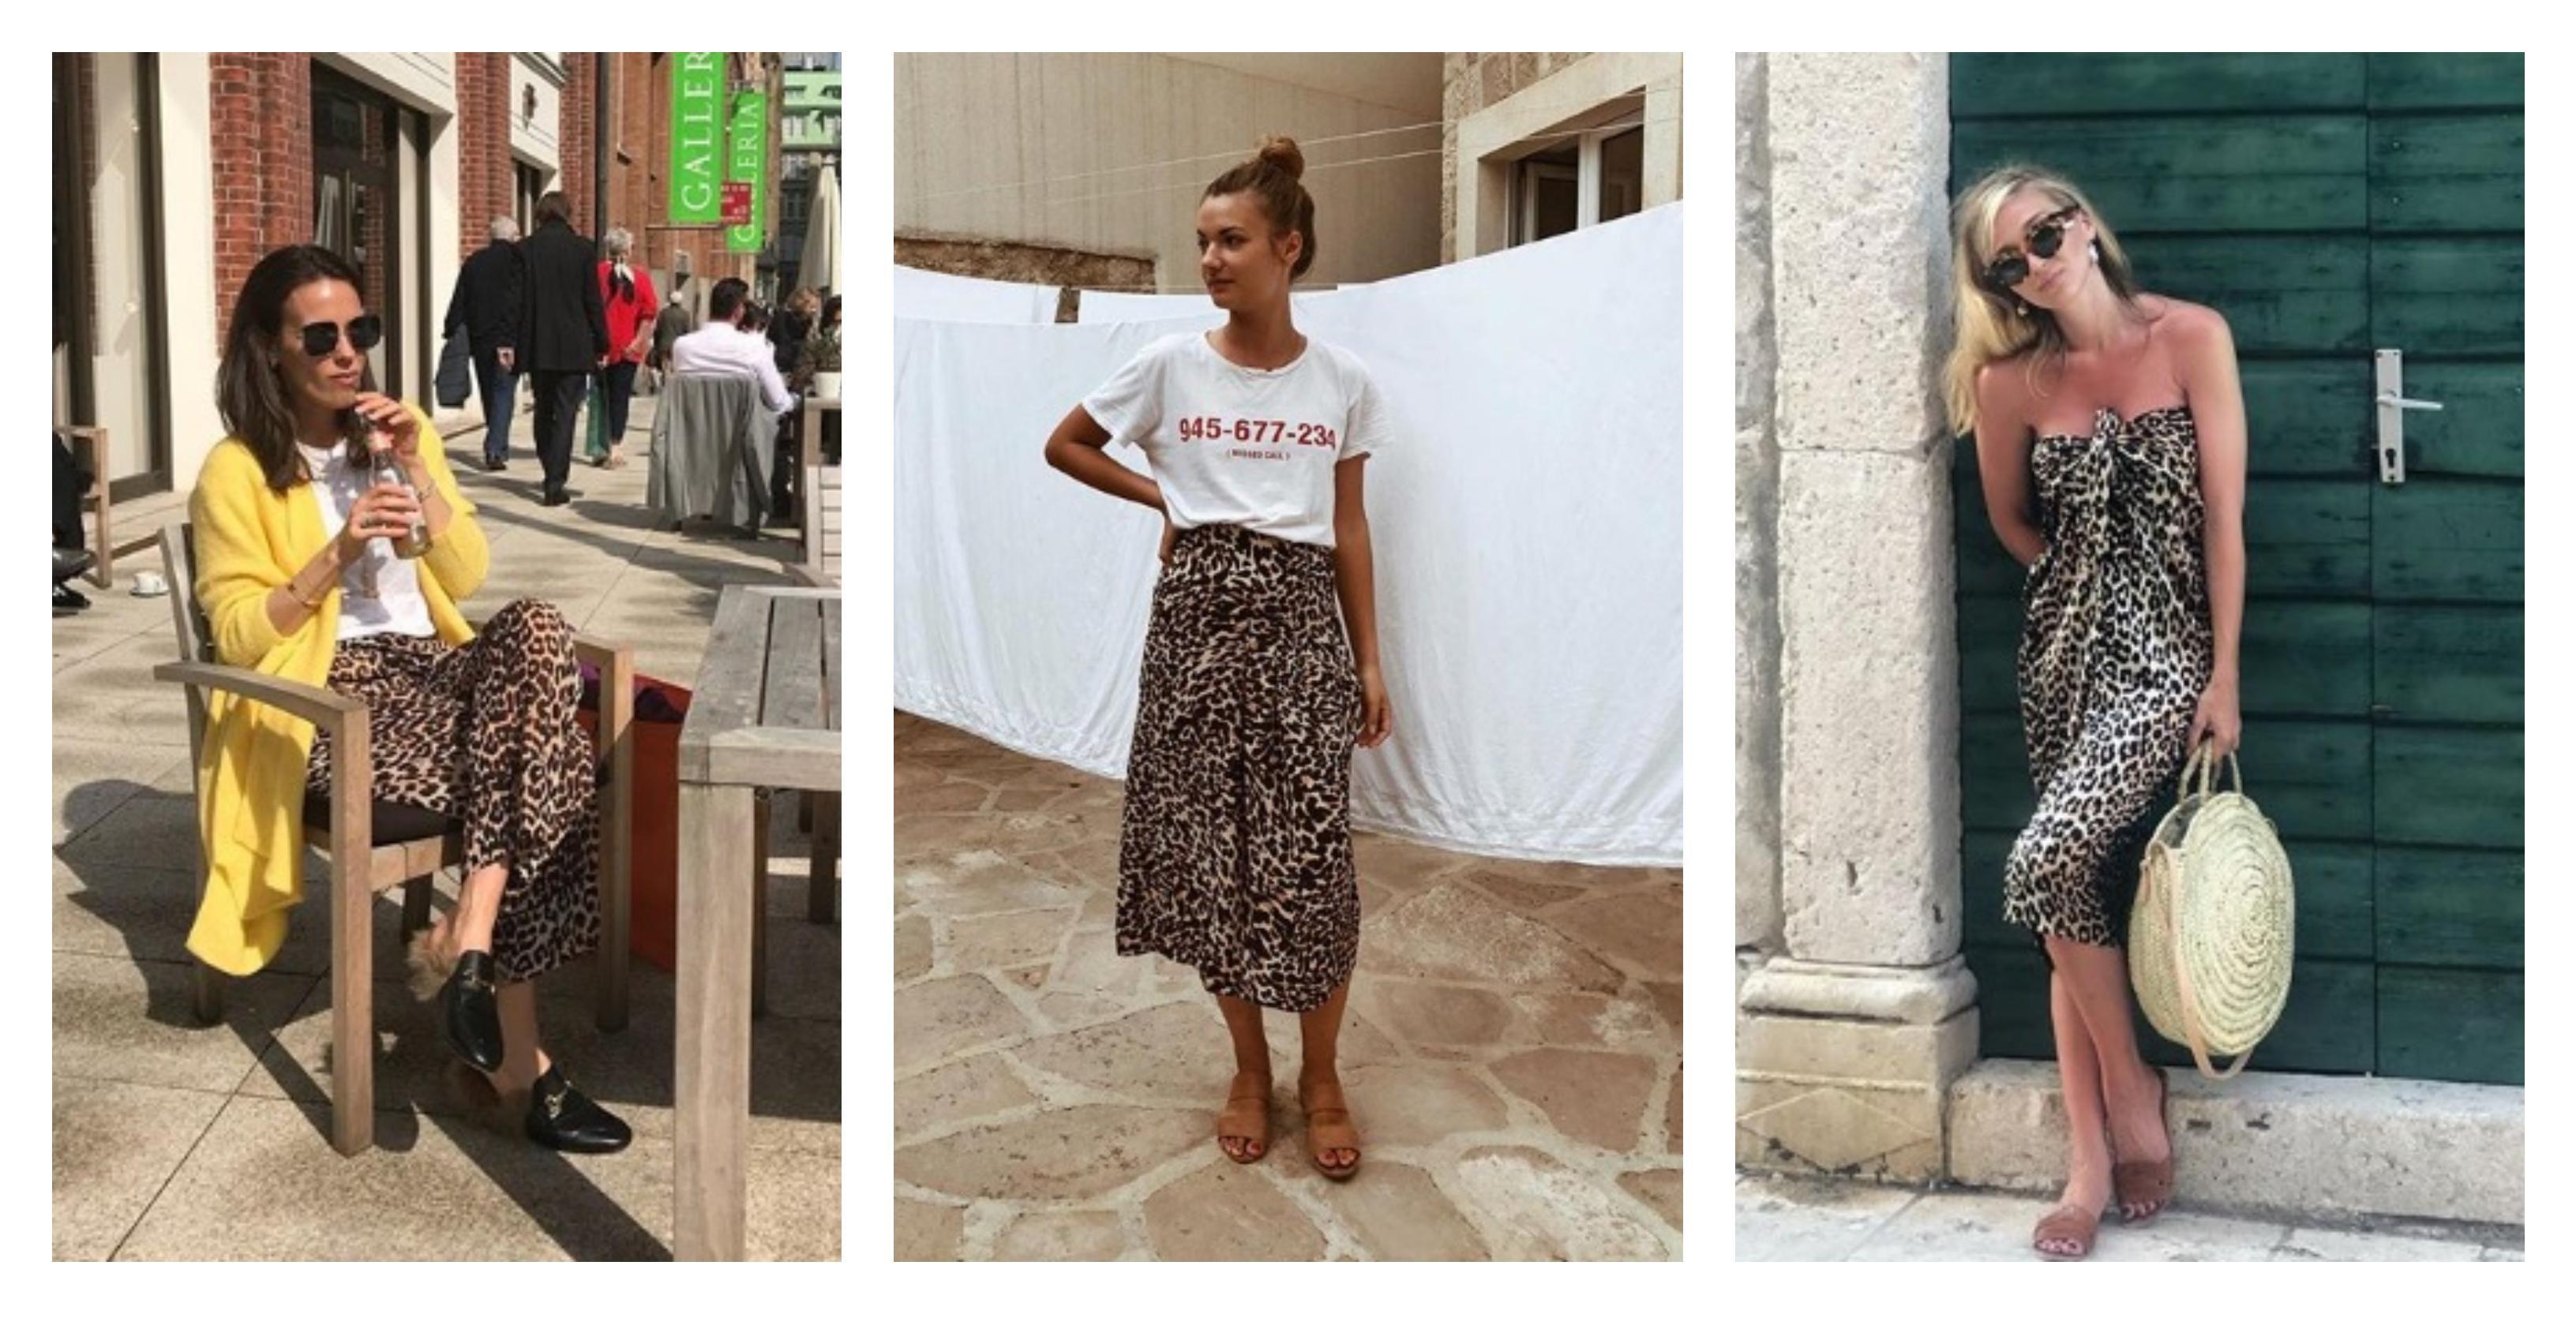 Kako nositi leopard uzorak na stylish način? Ove cure definitivno znaju!